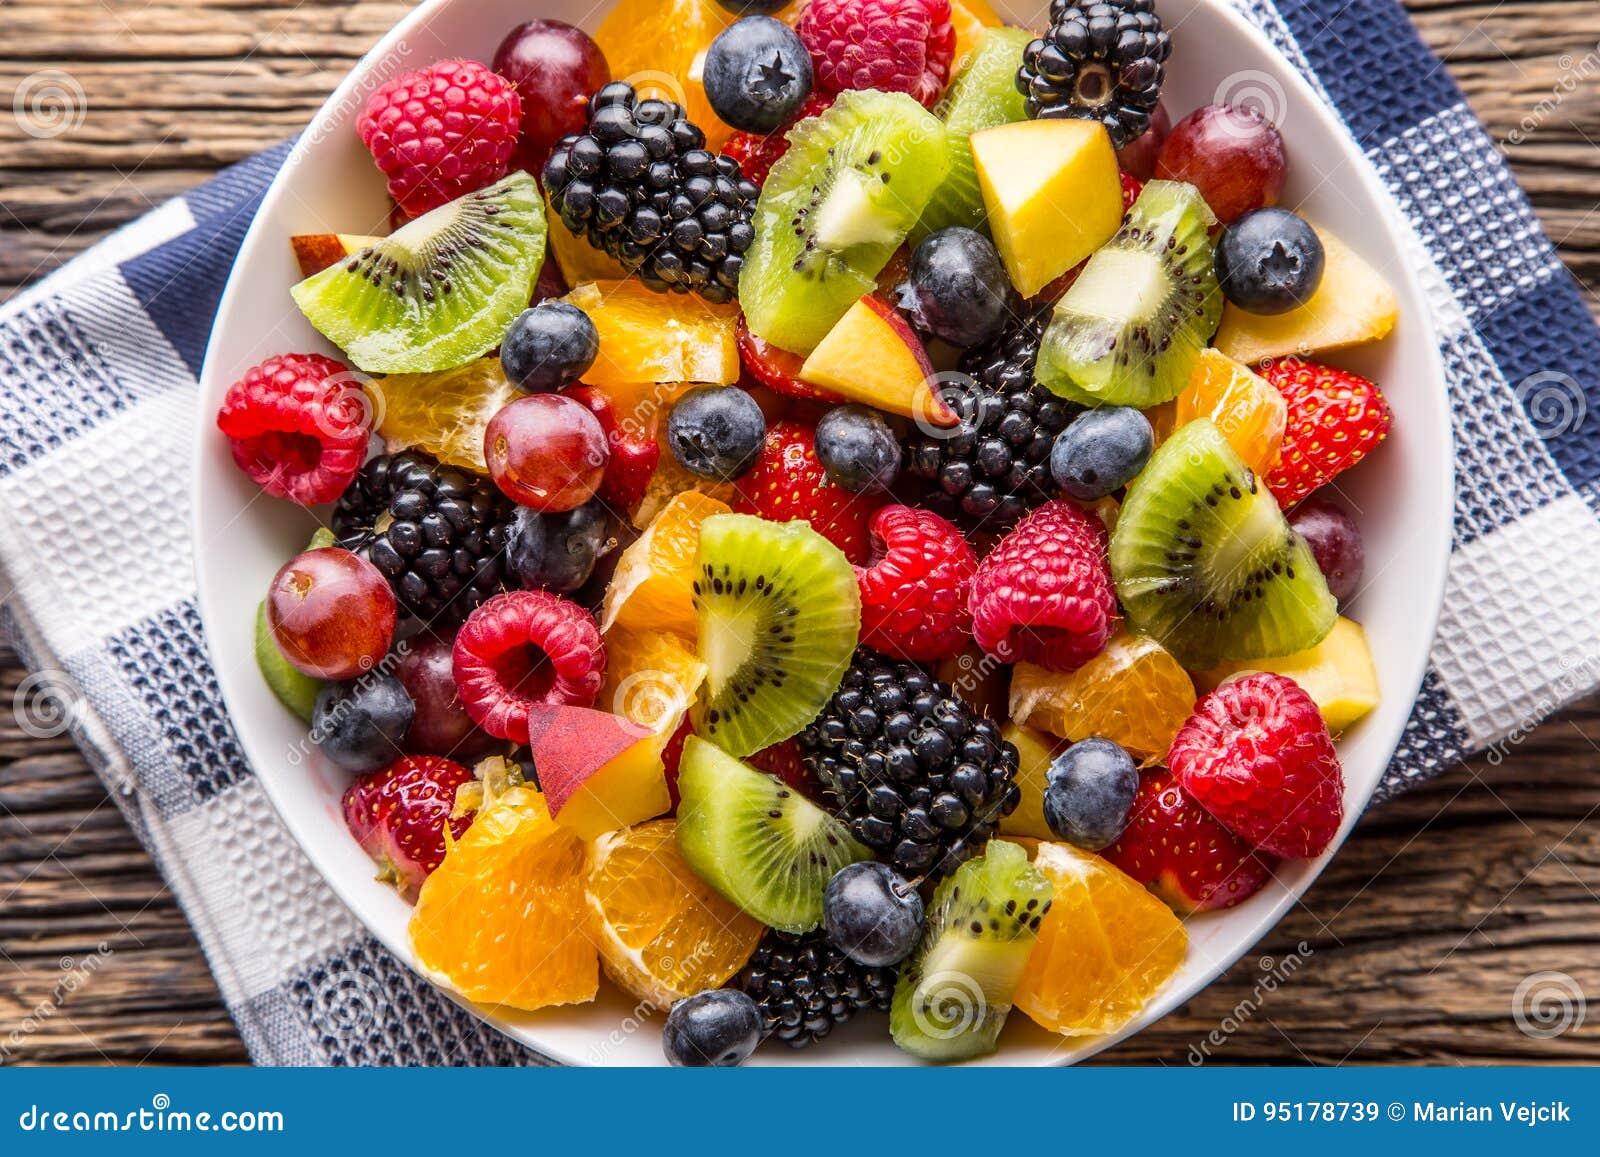 Frischer gemischter tropischer Obstsalat der Frucht Schüssel des gesunden frischen Obstsalats - starb und des Eignungskonzeptes